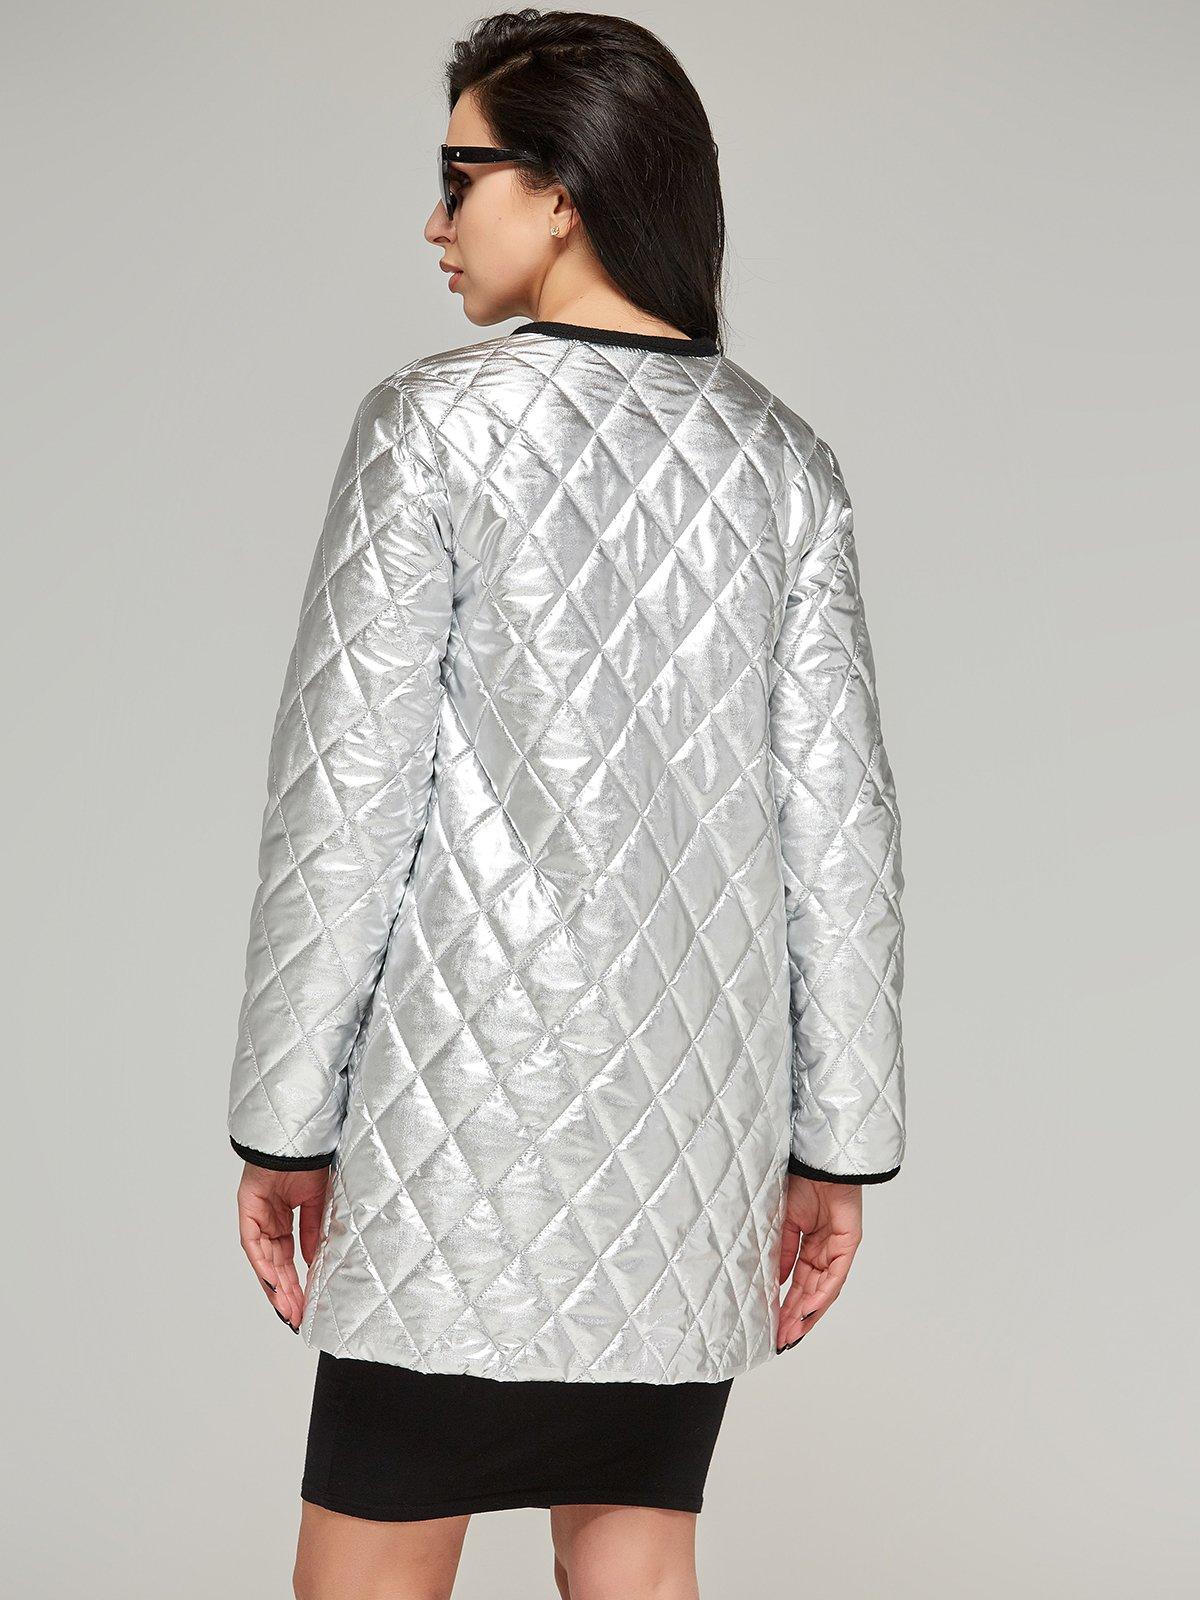 Куртка срібляста   4052171   фото 2